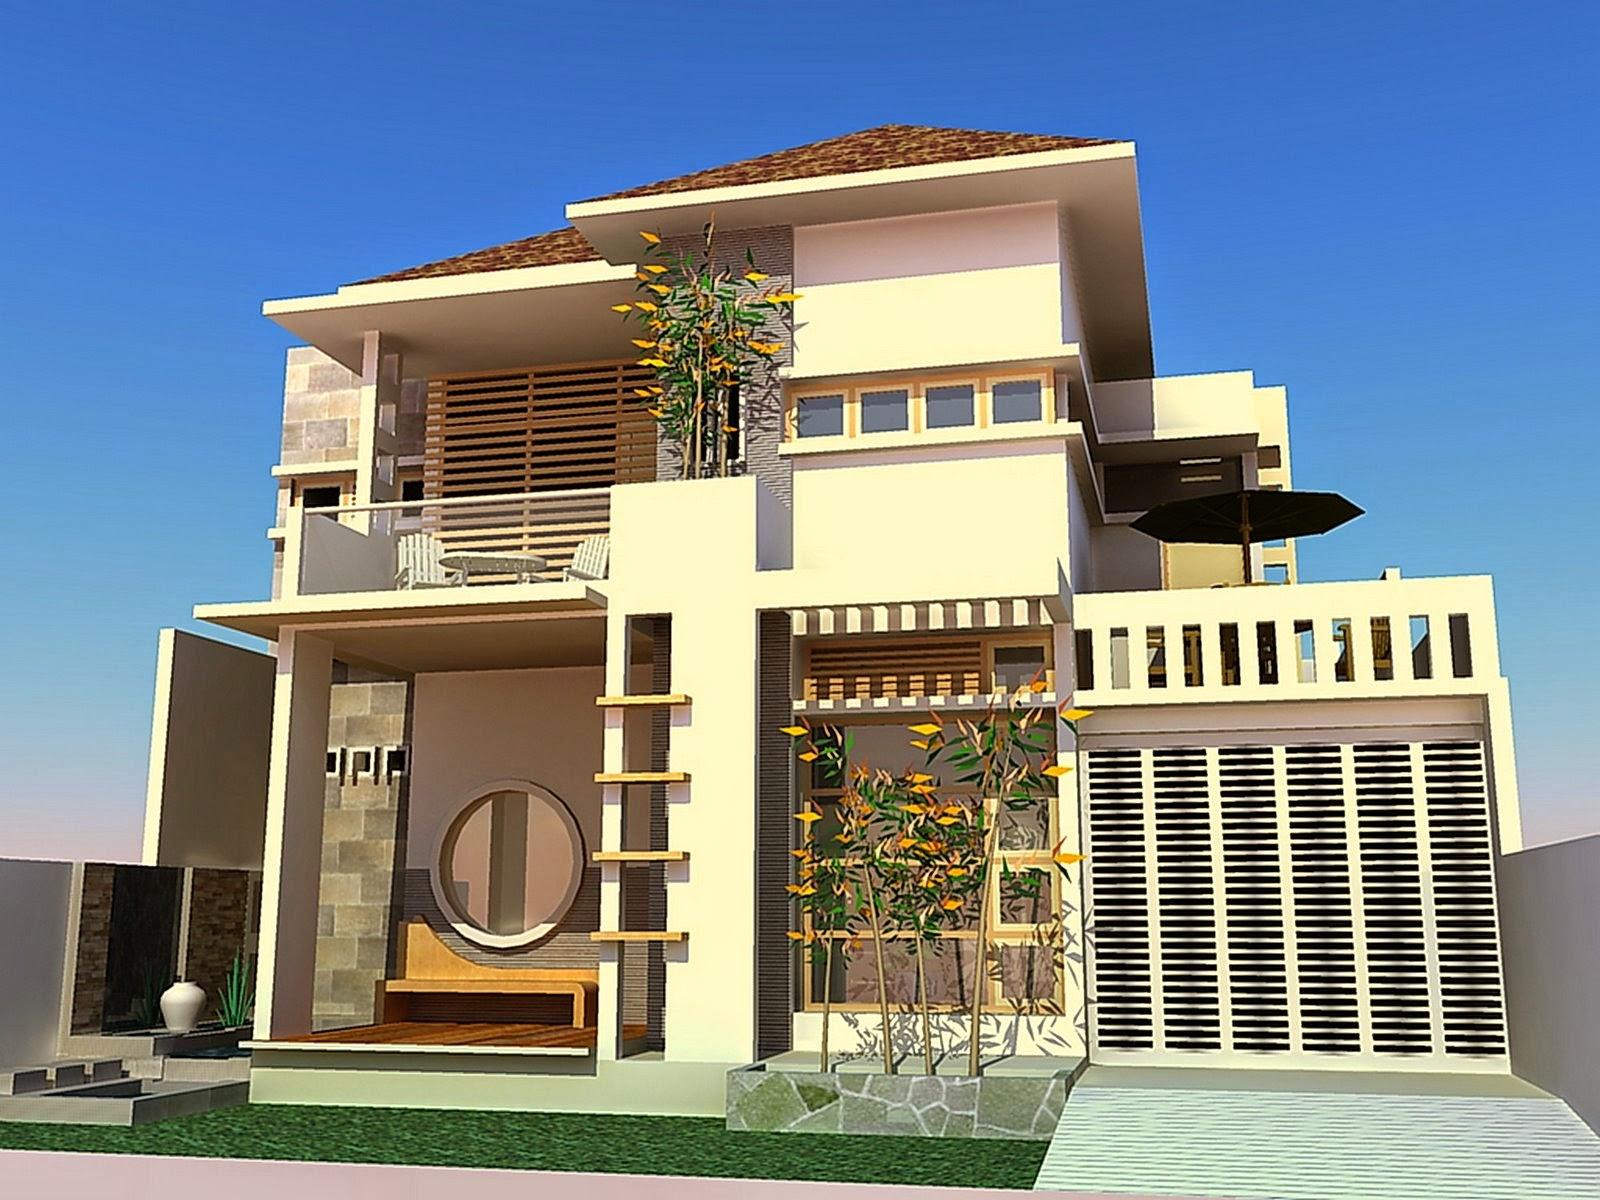 Desain+Rumah+Mewah+Kontemporer+Dua+Lantai